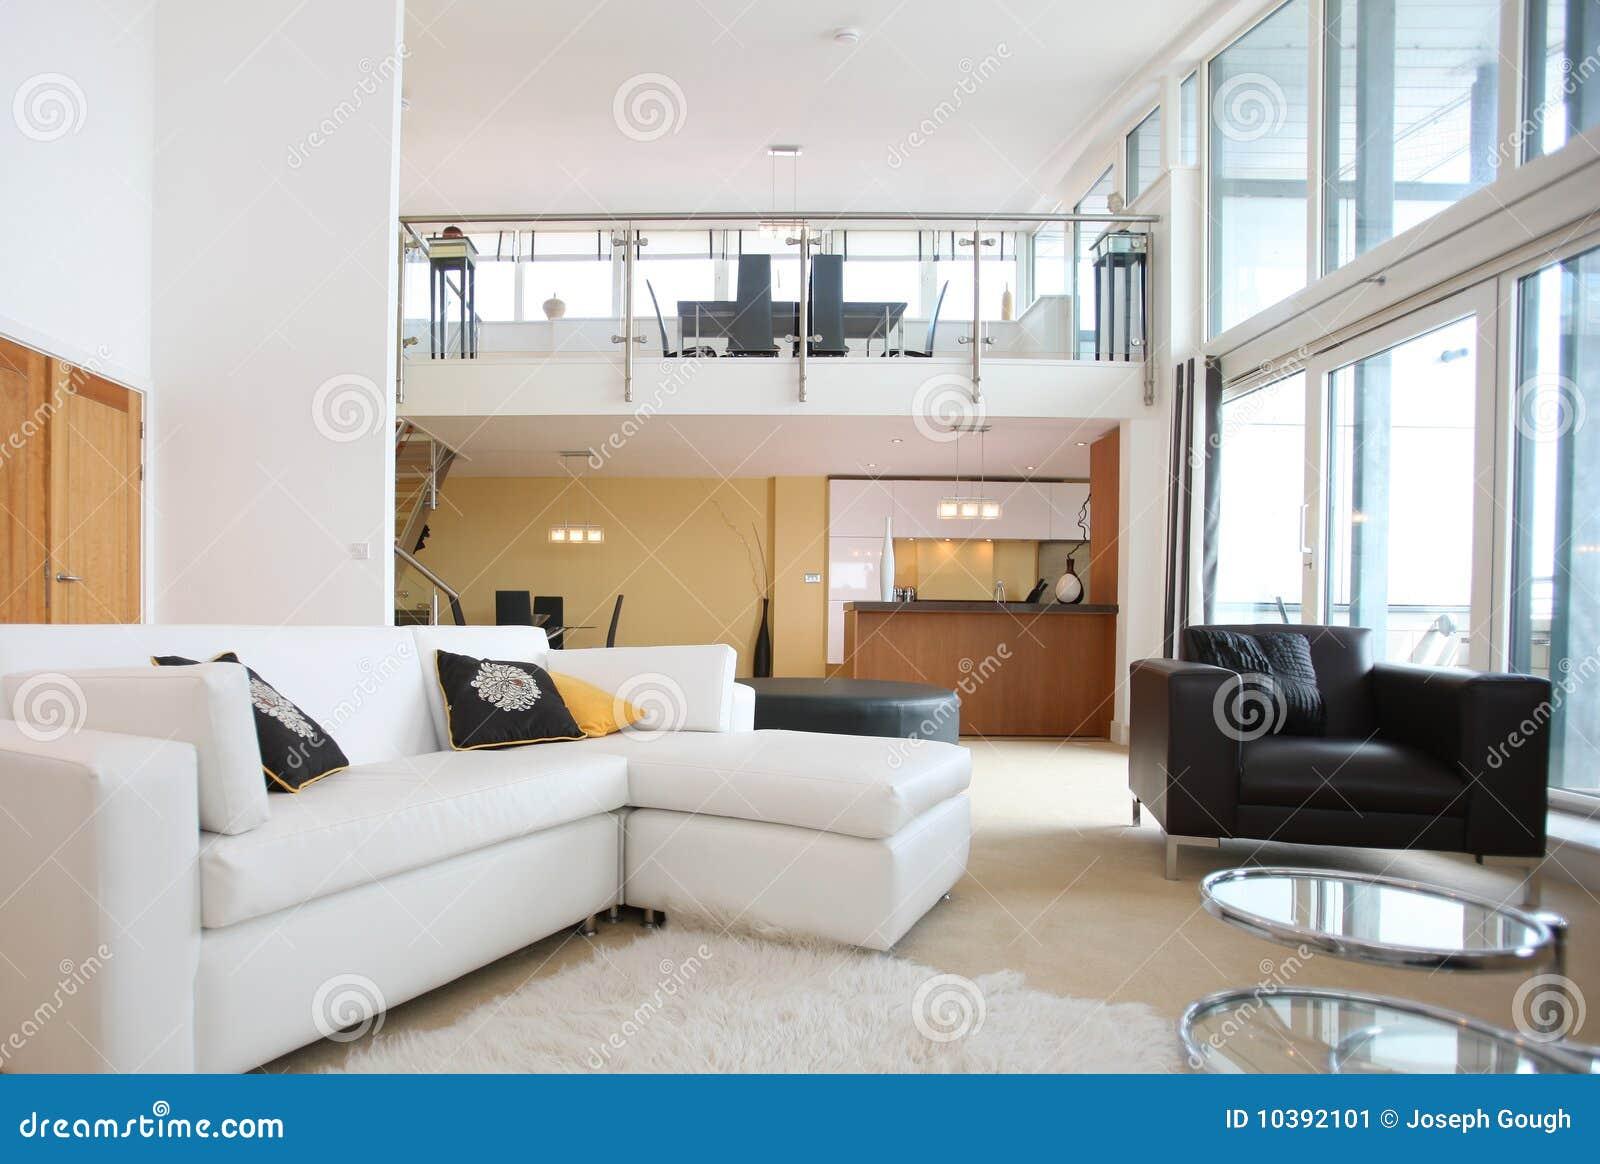 int rieur ouvert moderne d 39 appartement de plan image stock. Black Bedroom Furniture Sets. Home Design Ideas